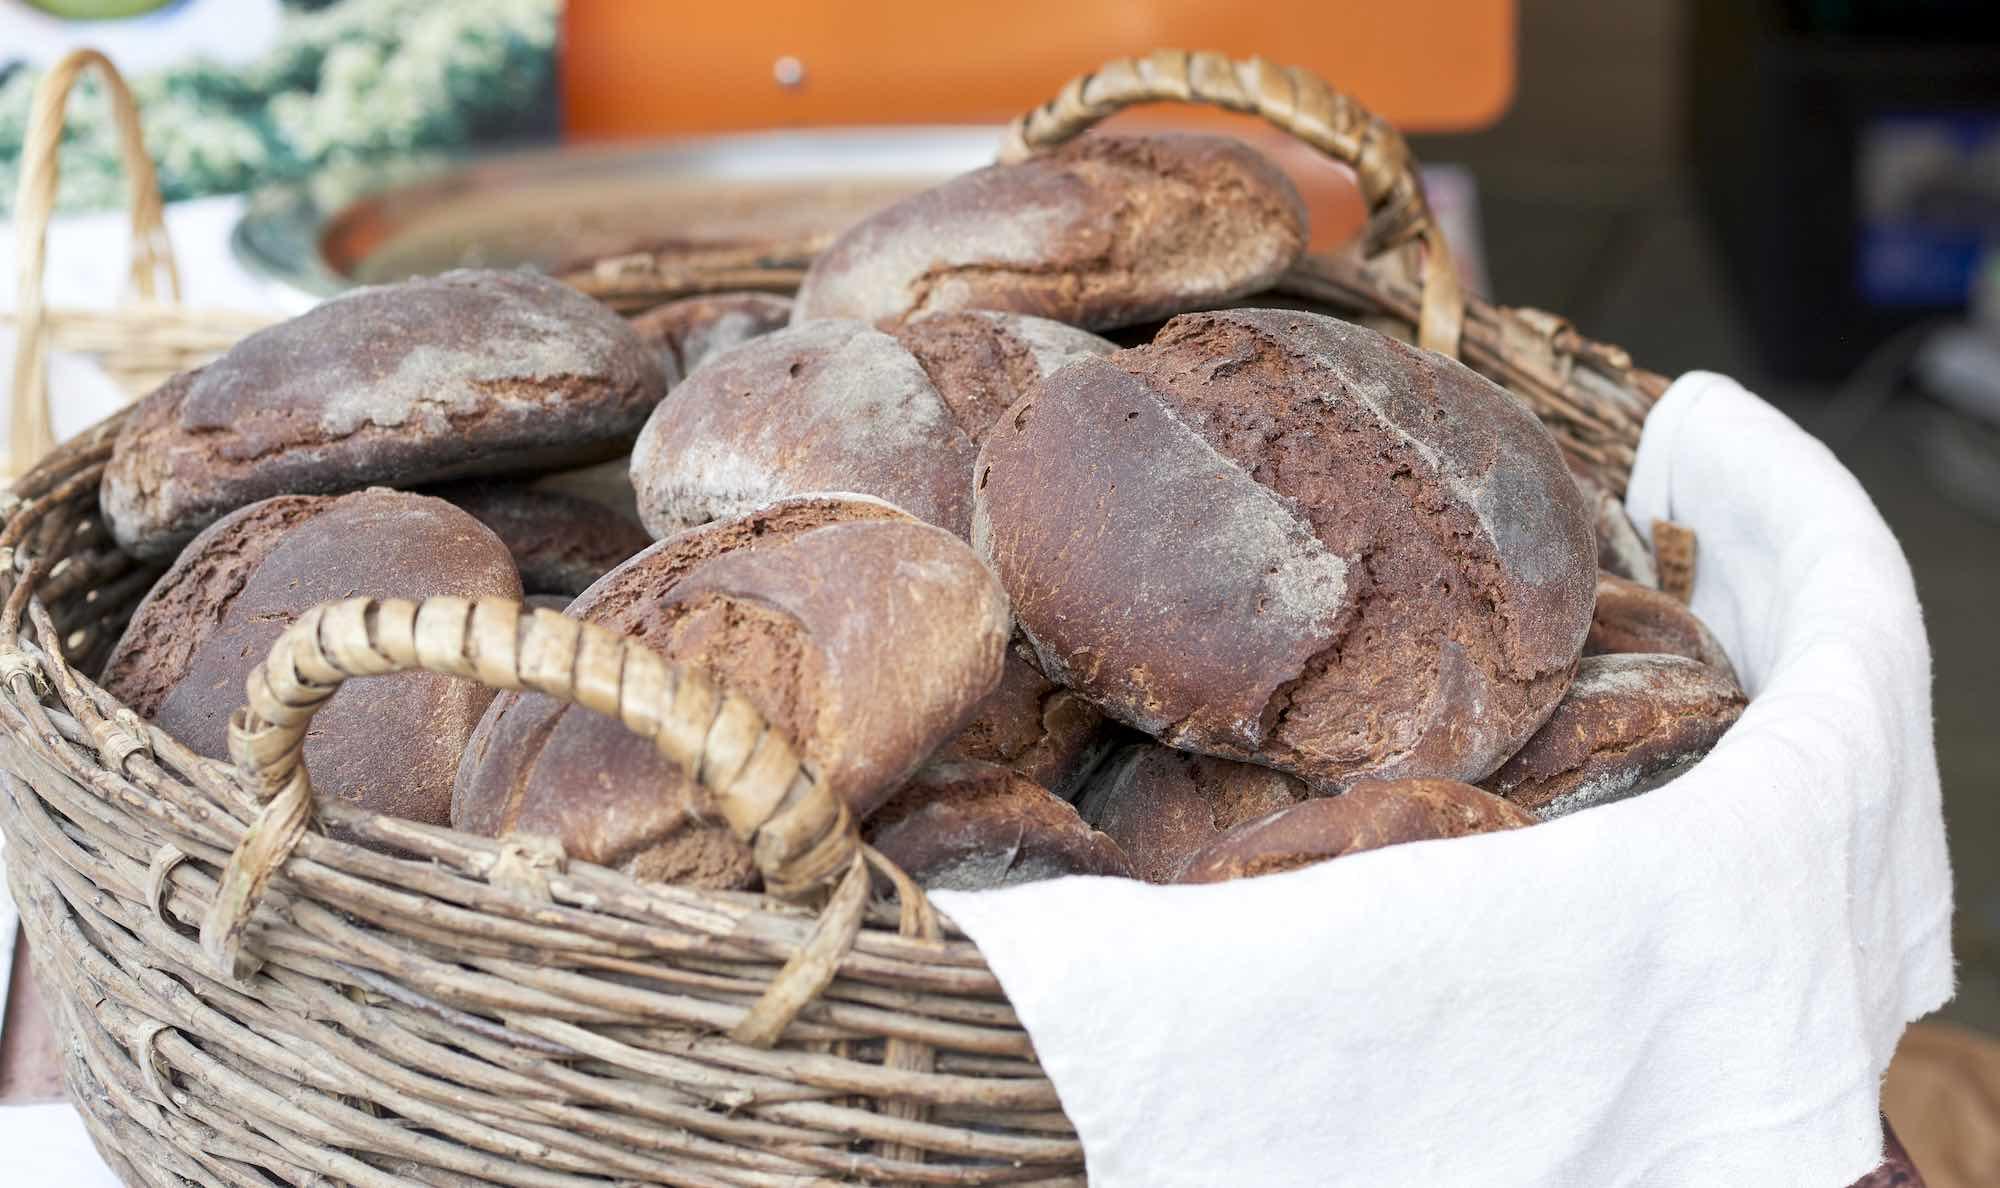 La Marocca di Casola è uno dei 25 Presidi Slow Food della Toscana